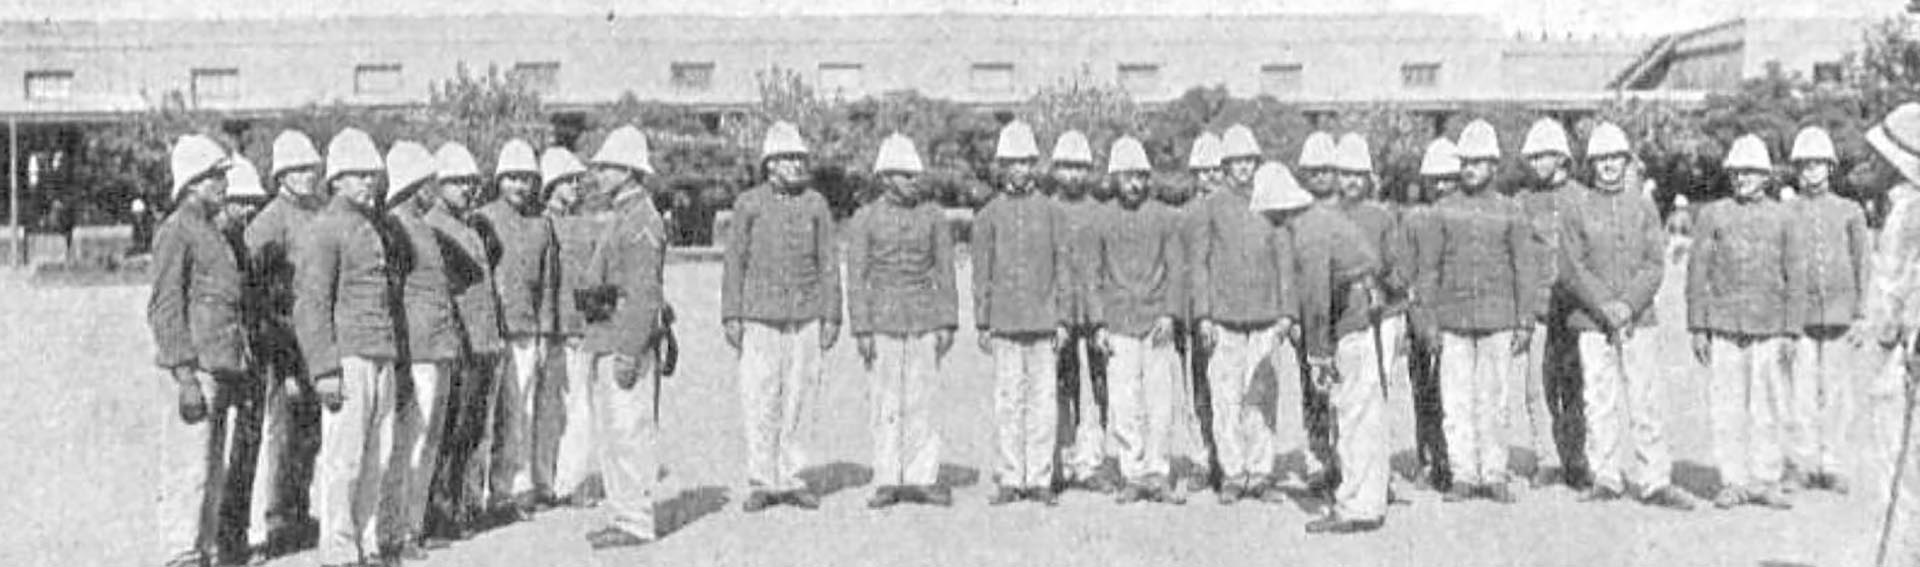 Los primeros conscriptos. Año 1902